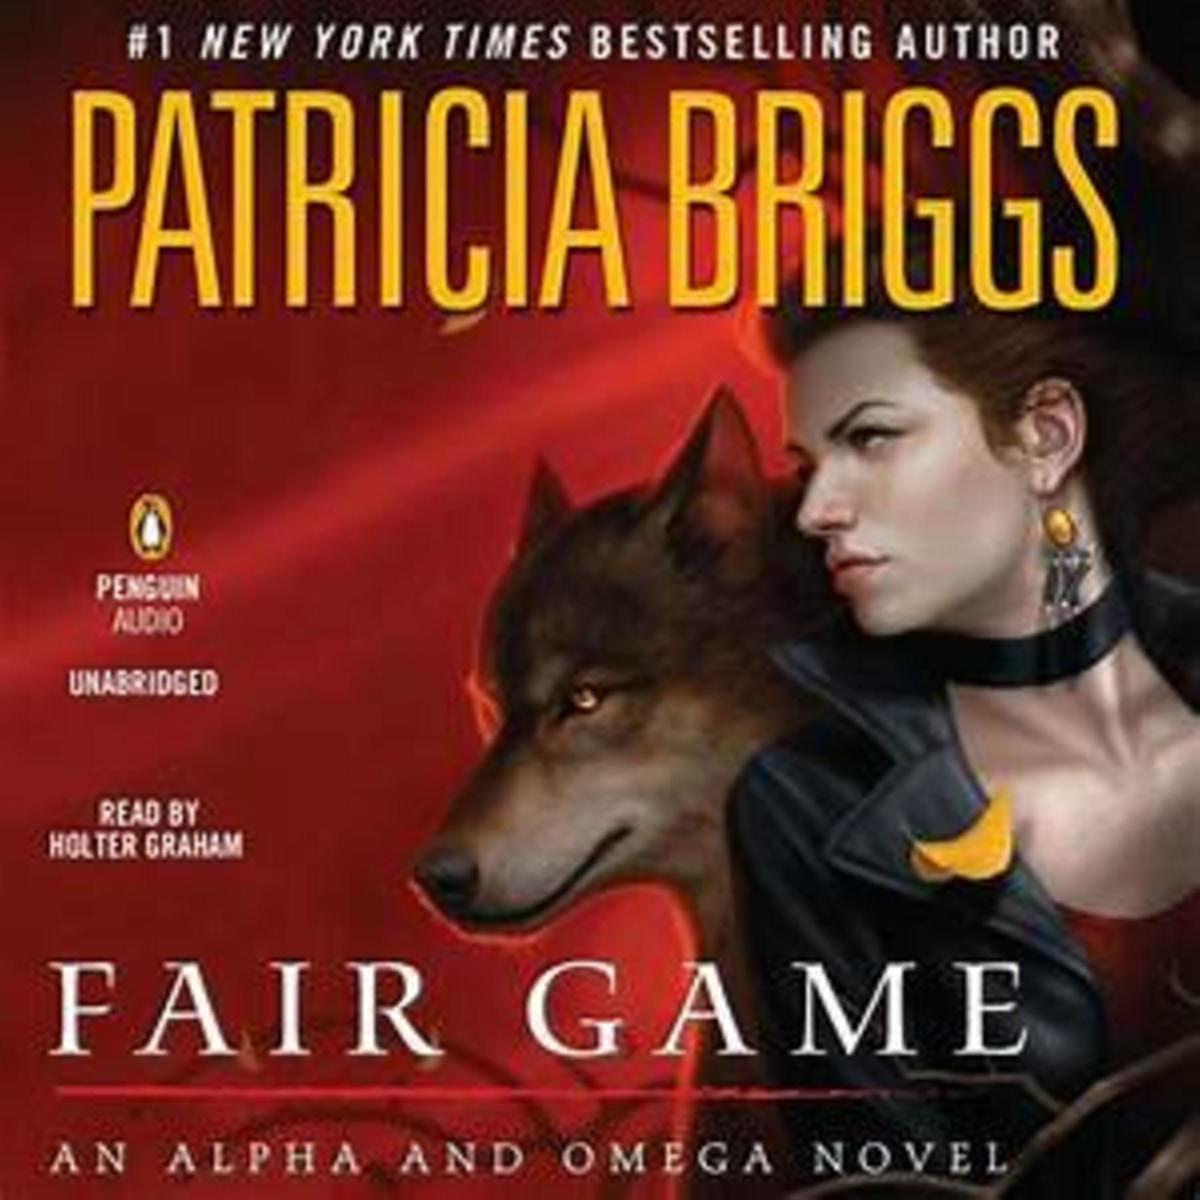 a-novel-on-werewolves-patricia-briggss-fair-game